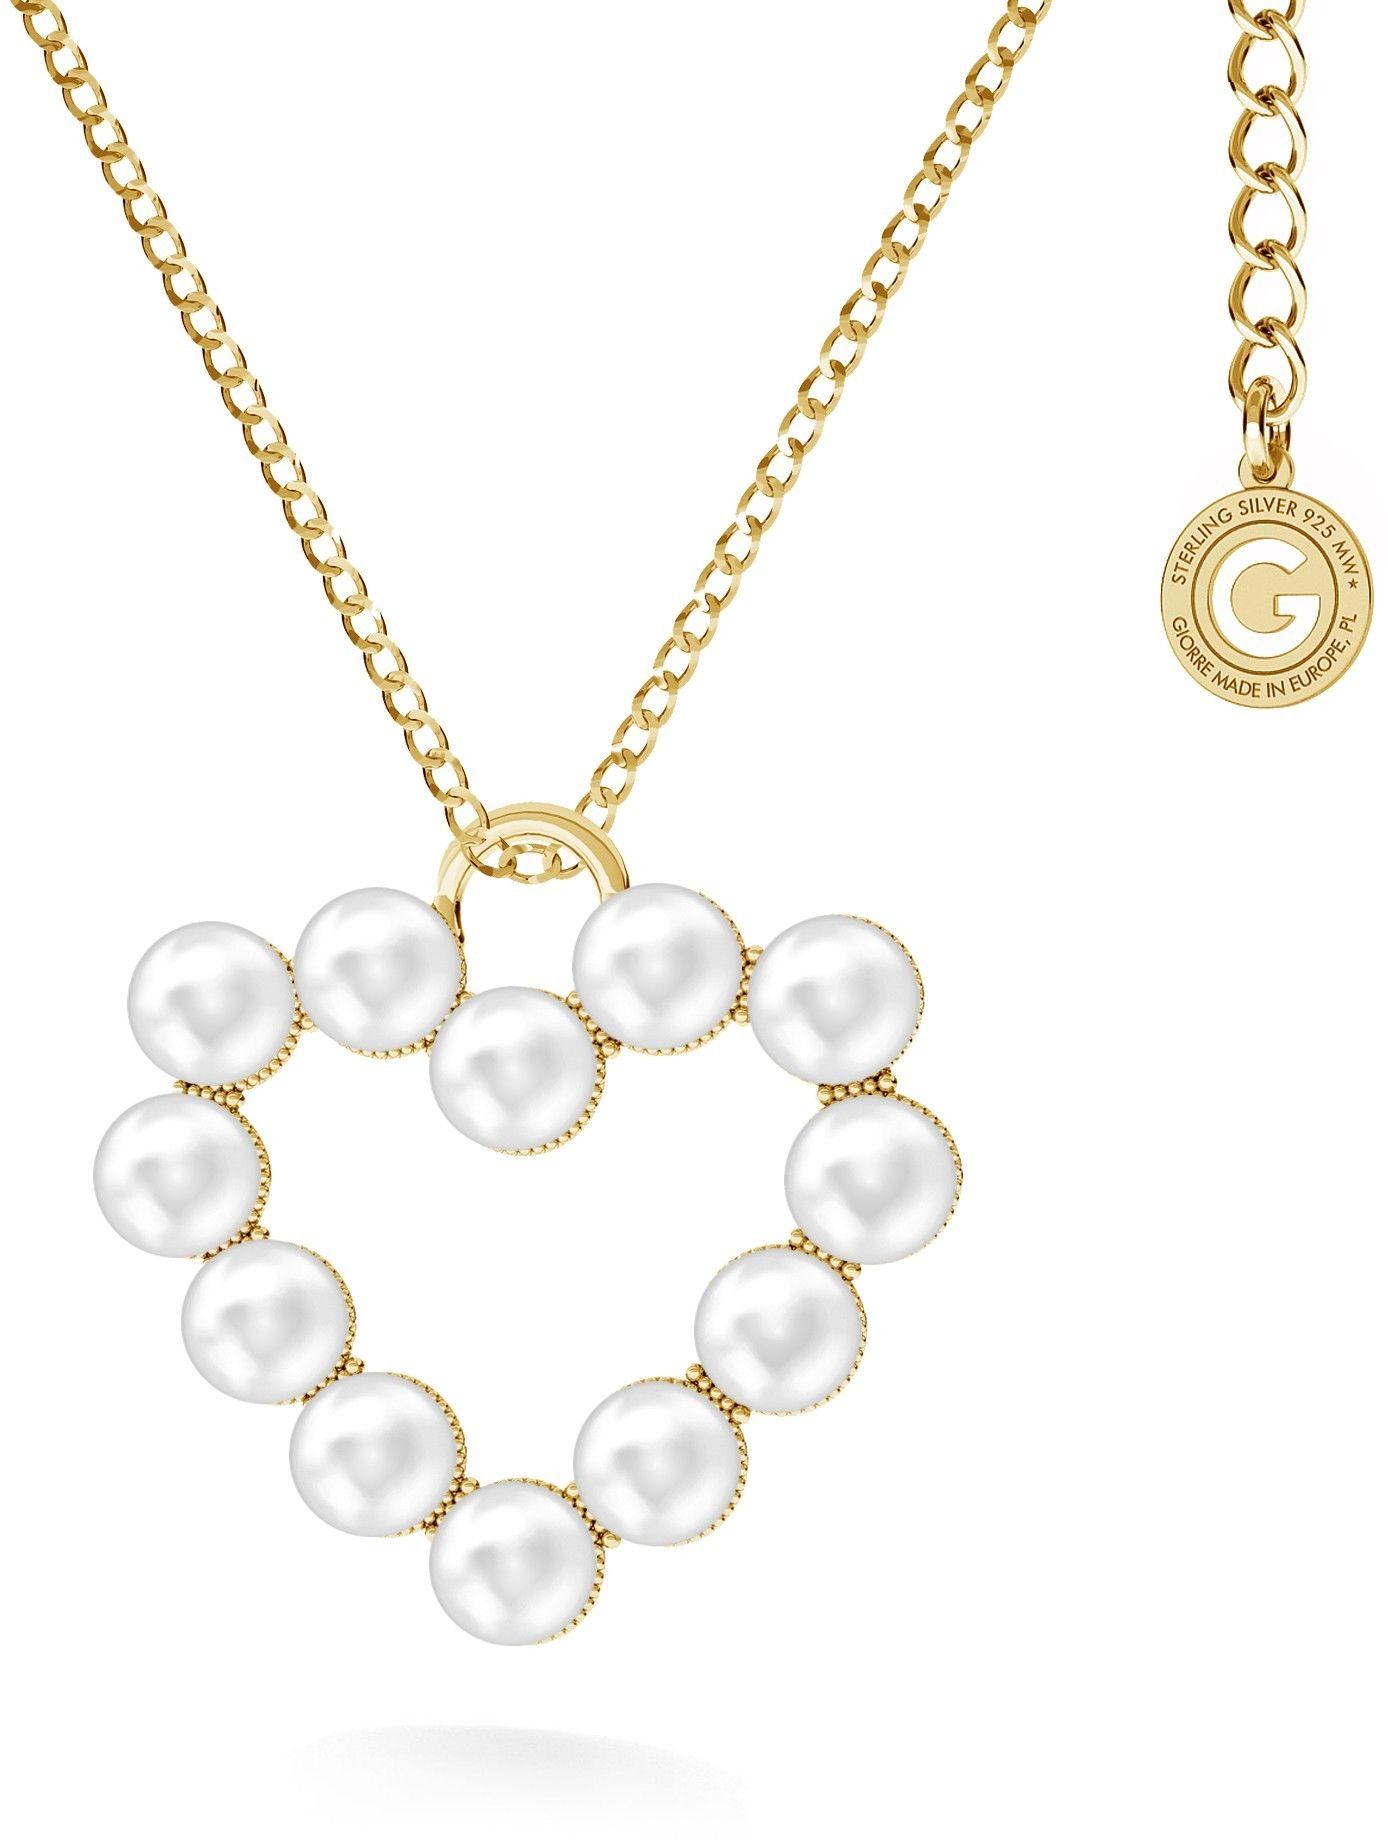 Naszyjnik serce z perłami, Swarovski, srebro 925 : Perła - kolory - SWAROVSKI WHITE, Srebro - kolor pokrycia - Pokrycie żółtym 18K złotem